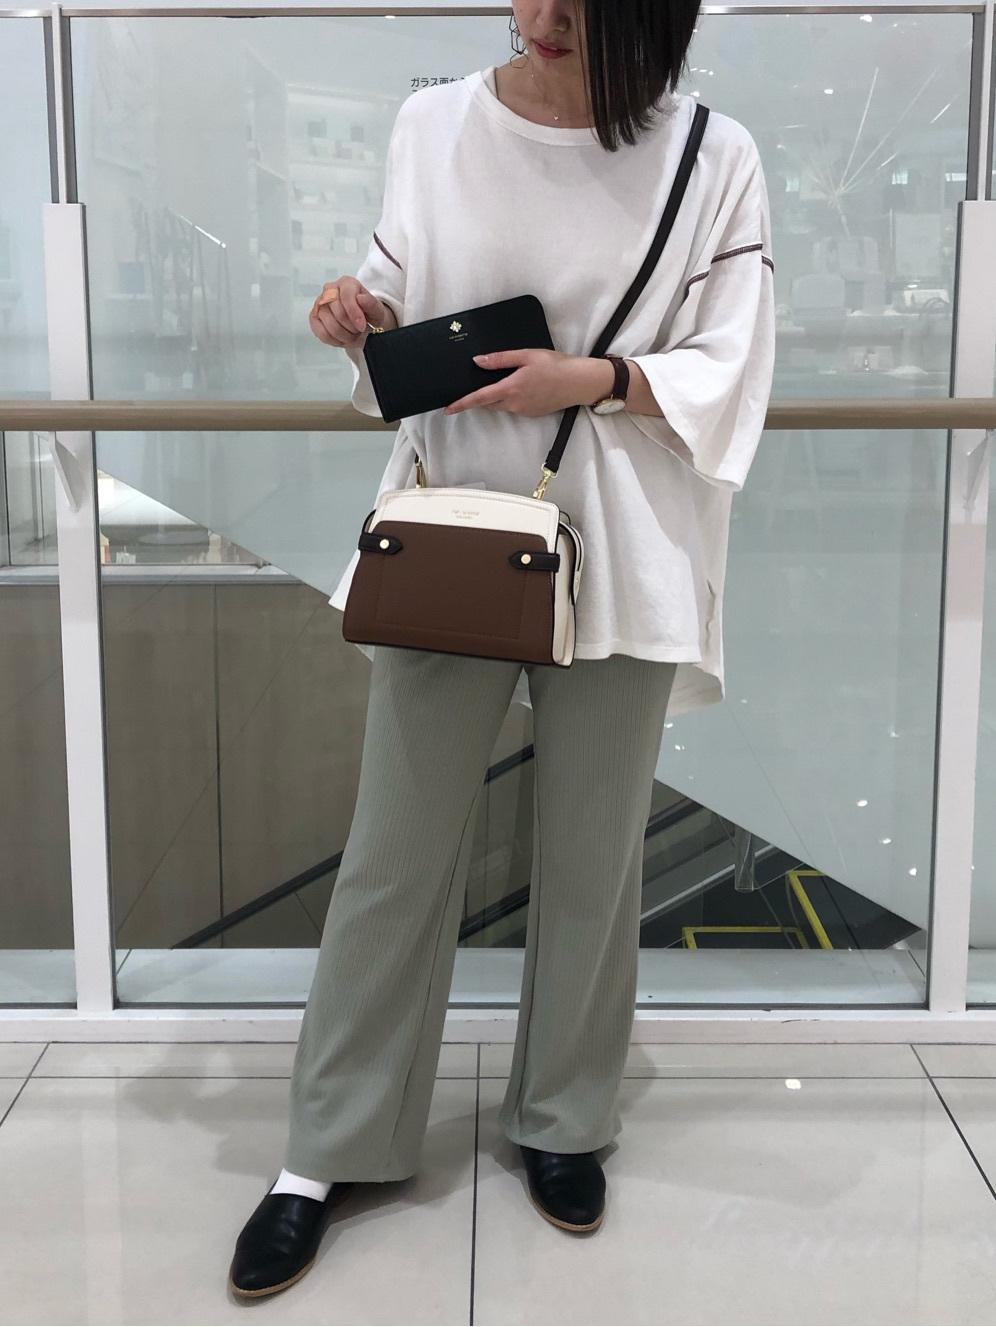 &シュエットギャラリーイオンモール岡山店 aki